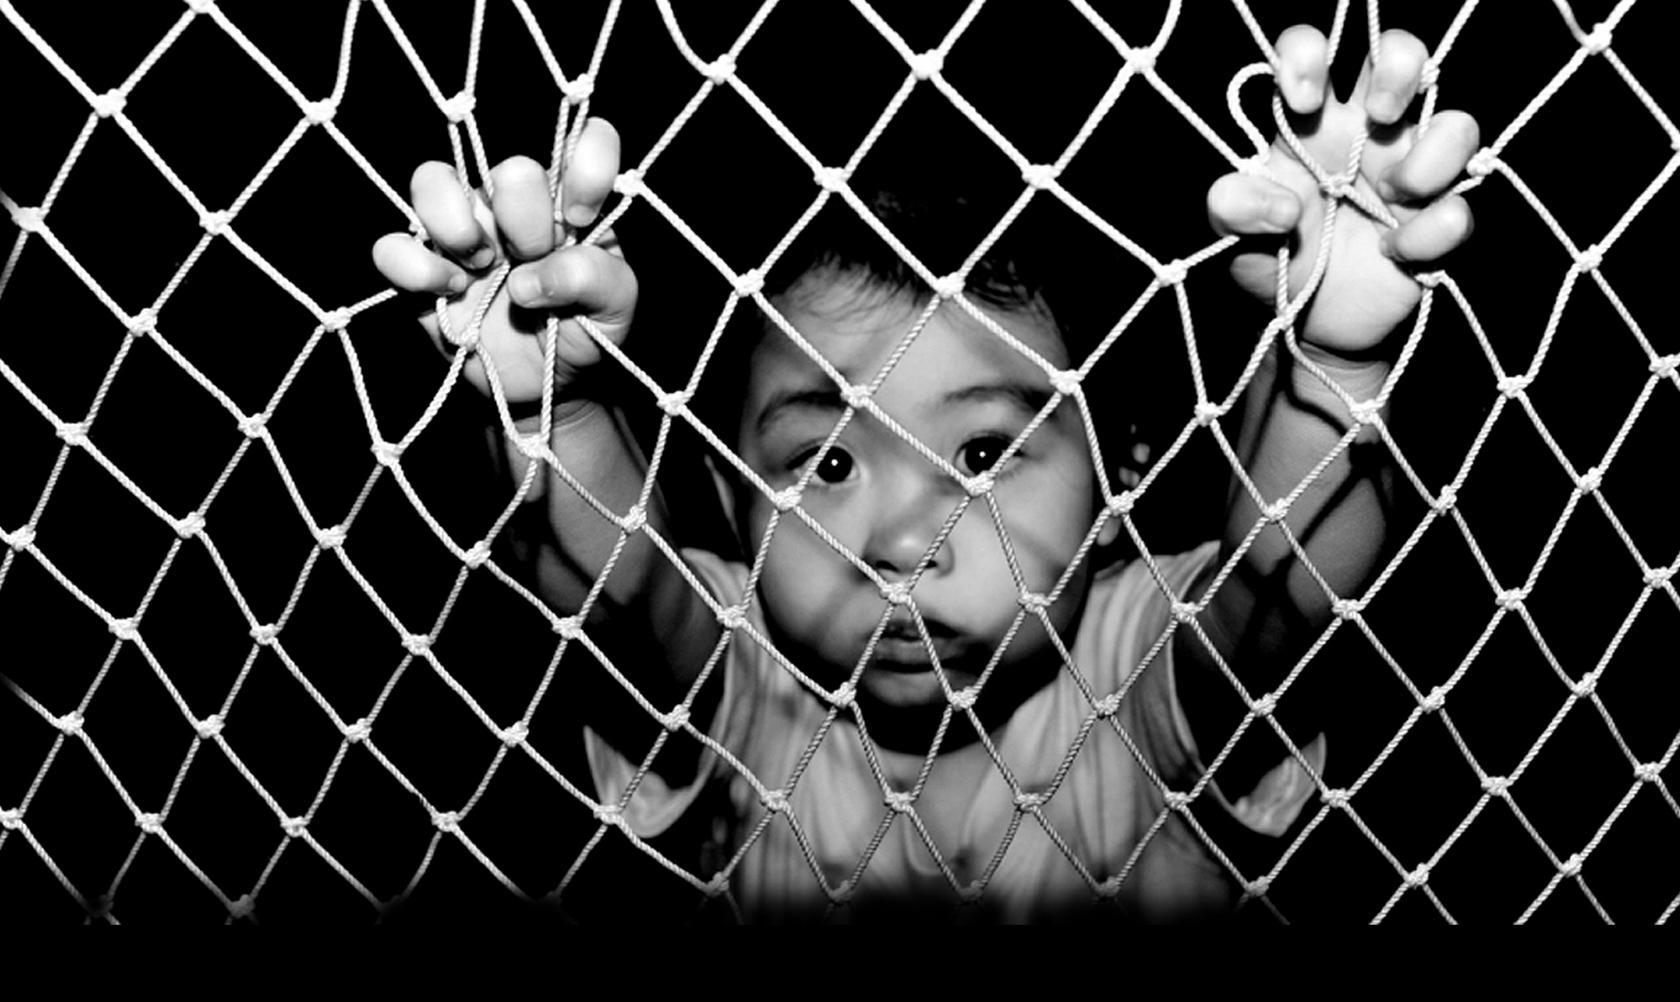 Những điều cần biết để giải cứu trẻ khỏi nạn bạo hành